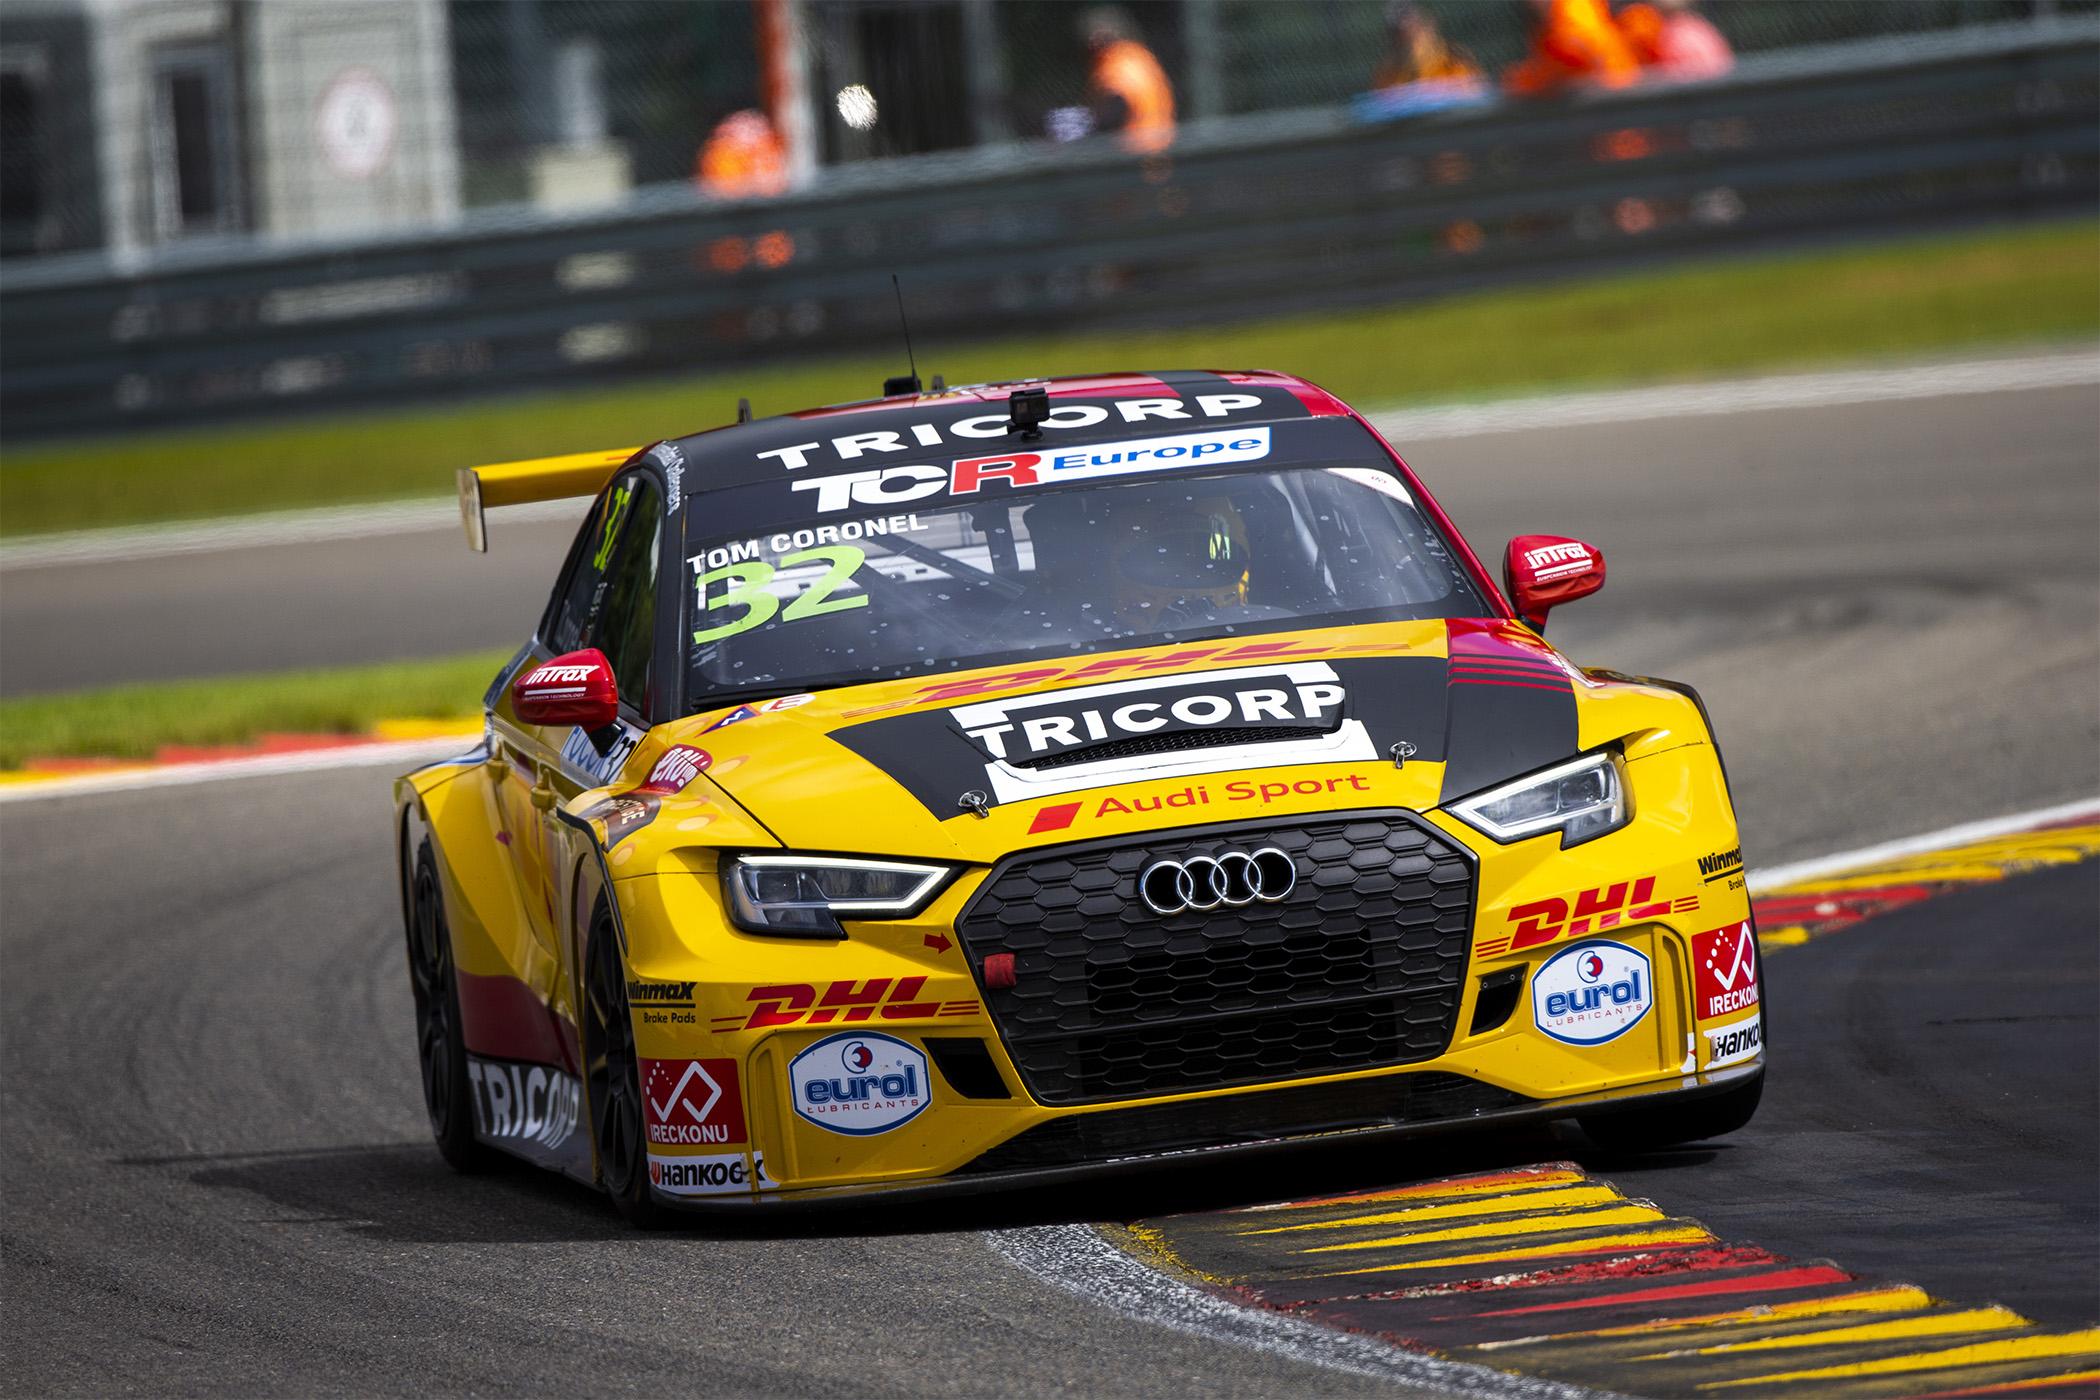 Twee tiende plaatsen op Spa-Francorchamps maximaal haalbare voor Tom Coronel